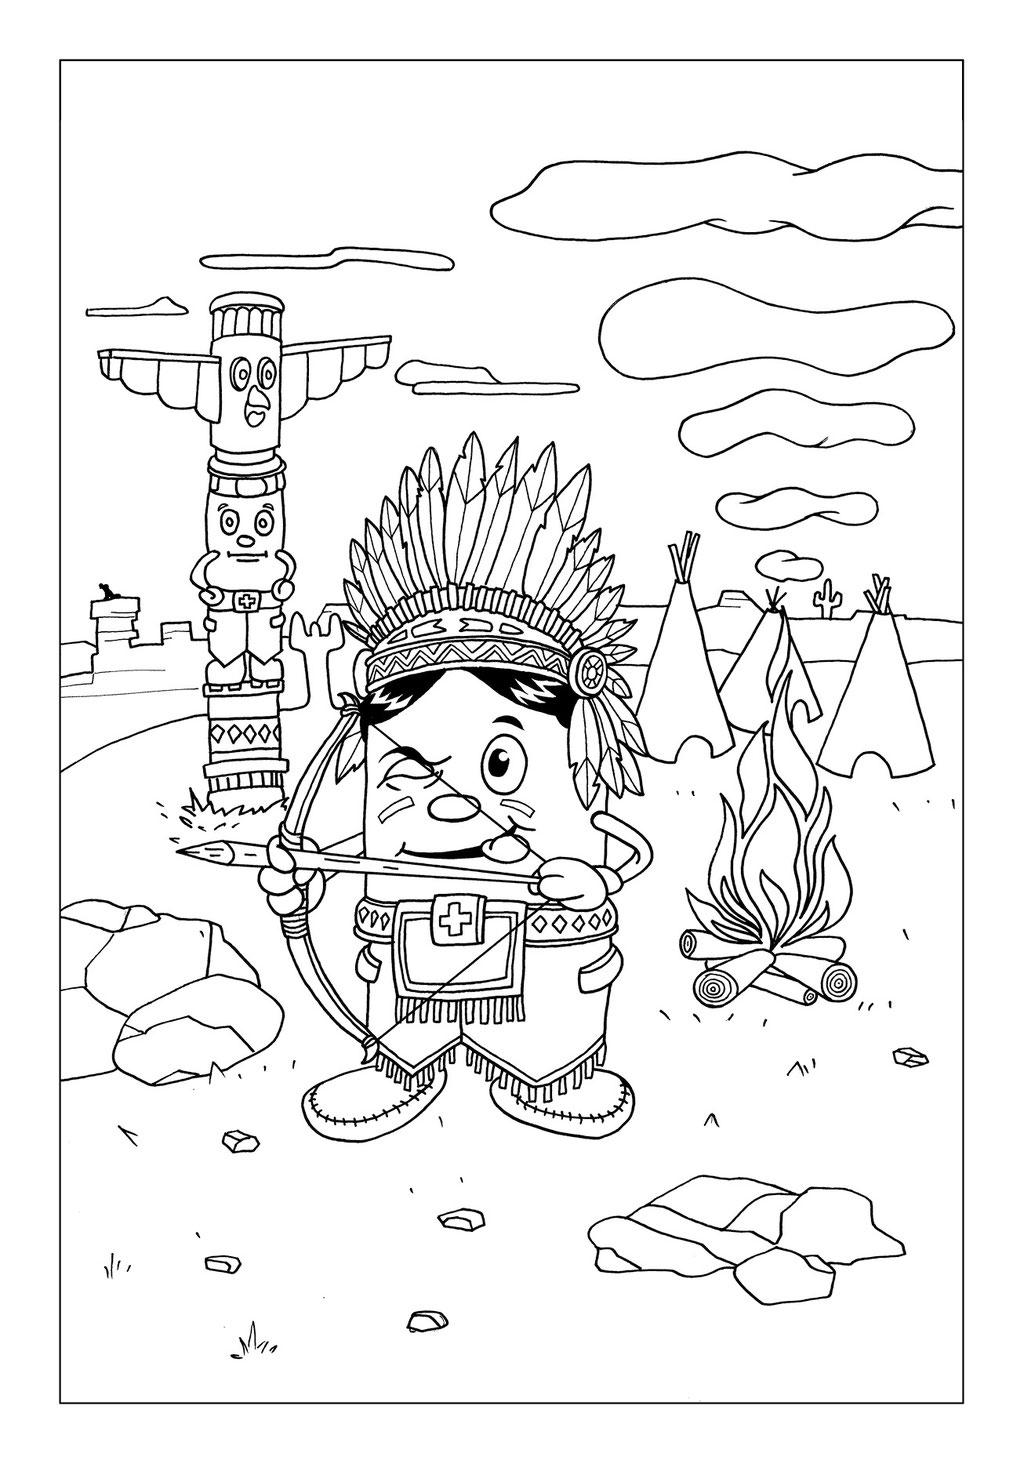 Vitogaz Kinder-Malbuch: Idee Zeichnung und Illustration: als Indianer Bogenschütze vor dem Totempfal im Wilden Westen